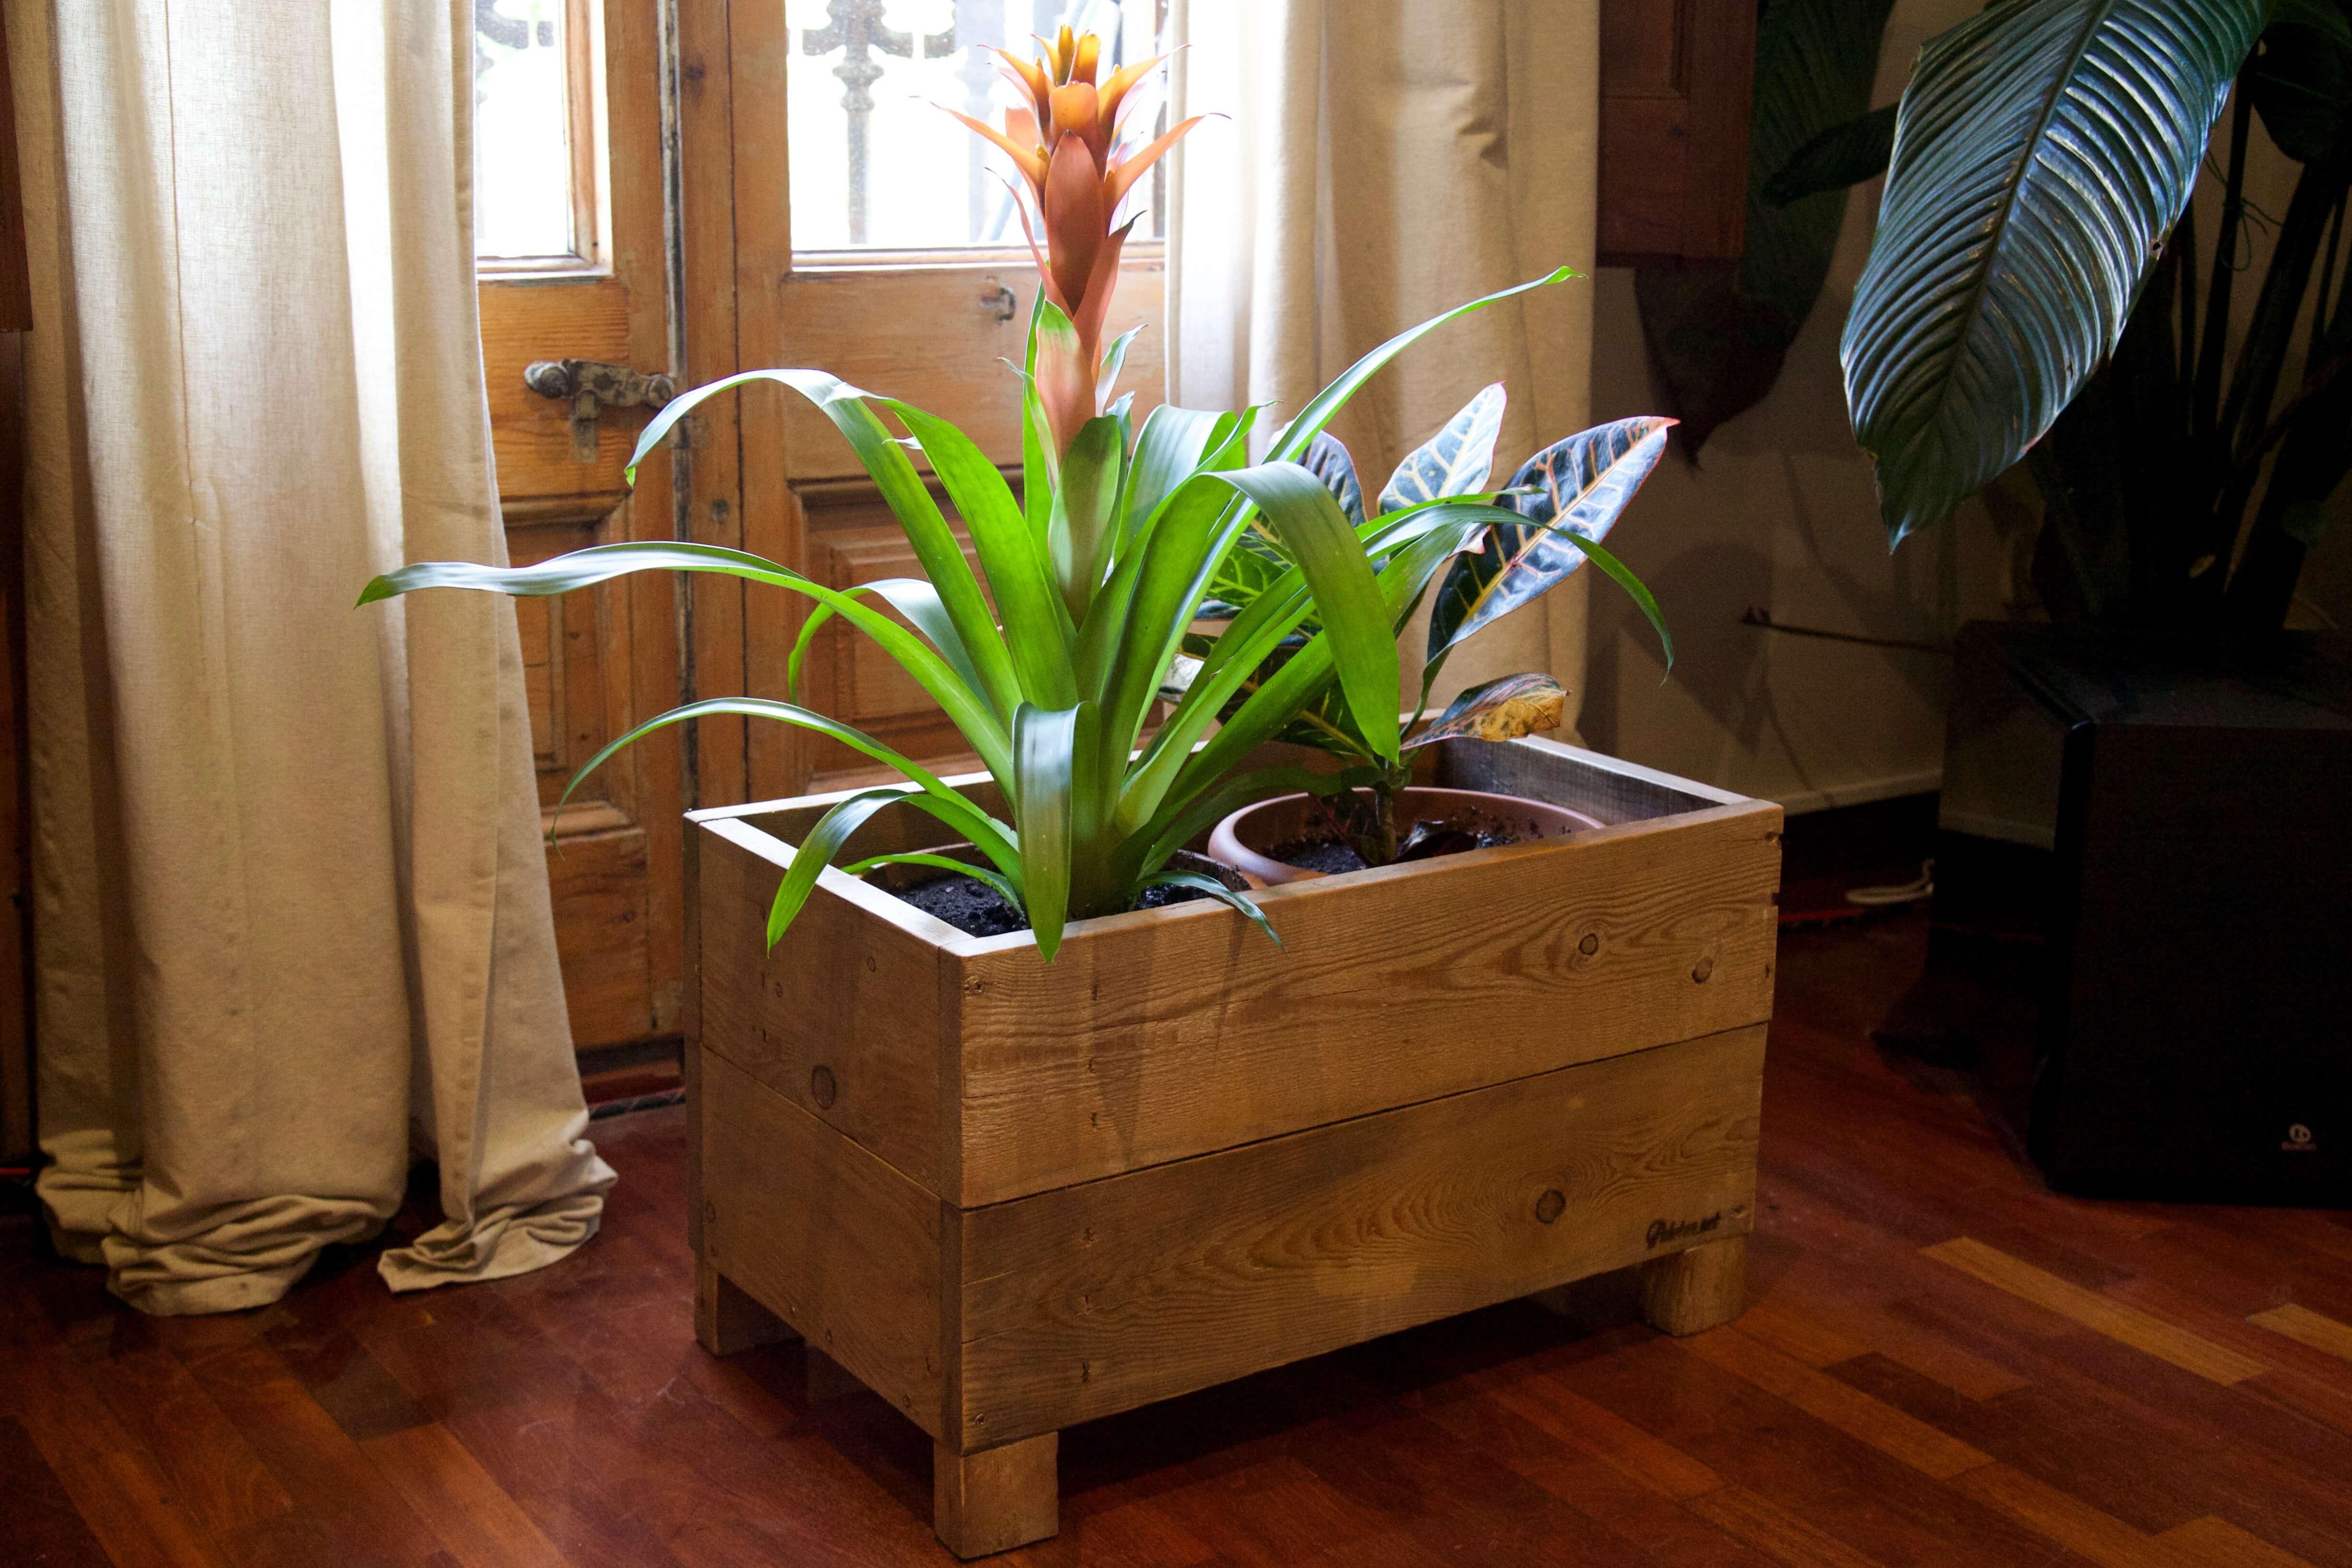 Jardinera seligman paletos - Sillas hechas con palets ...